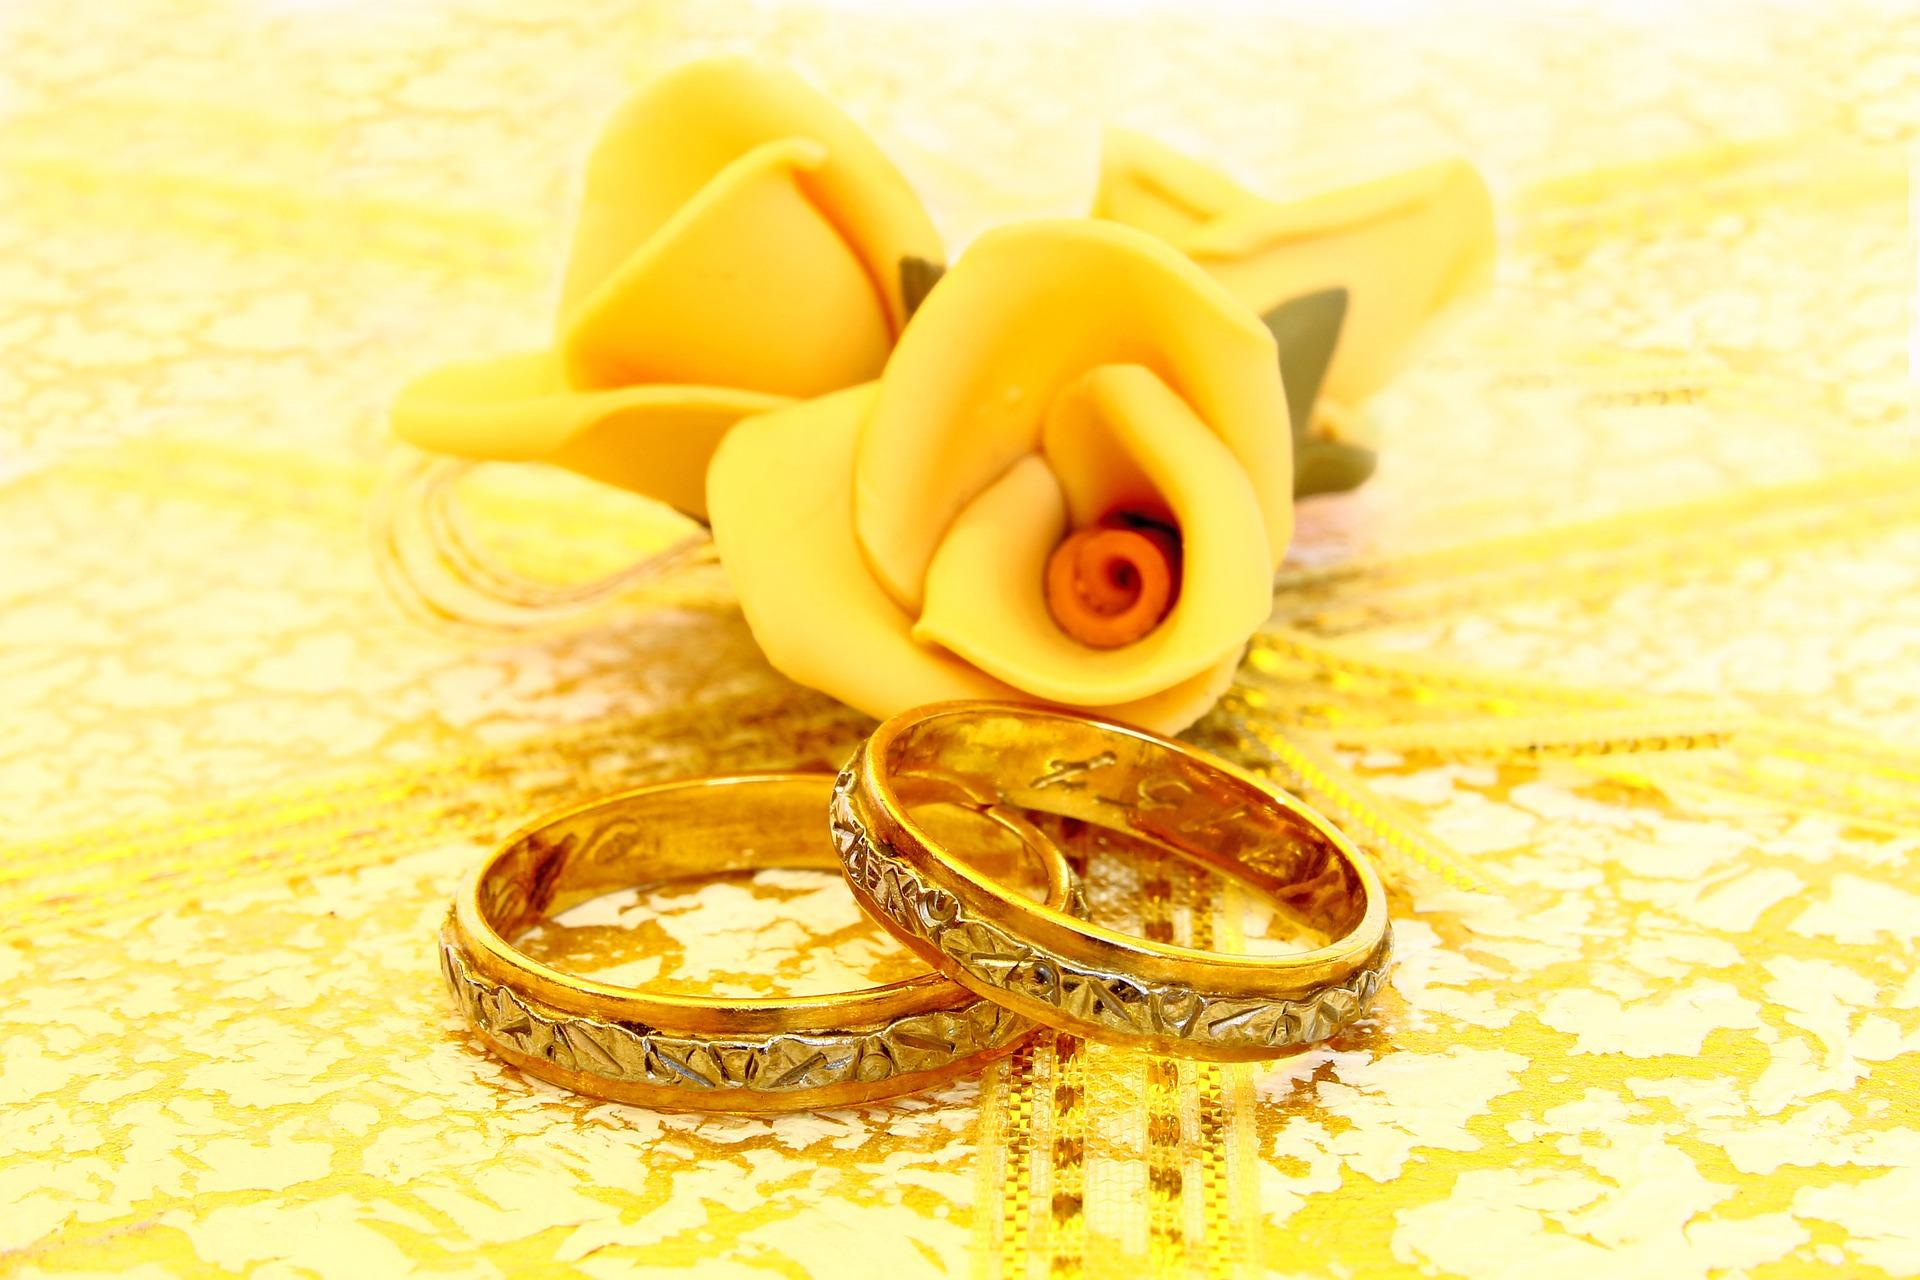 llevis aos felizmente casados y queris celebrar vuestras bodas de oro de una manera especial aqu te traemos algunas ideas para esa ocasin tan